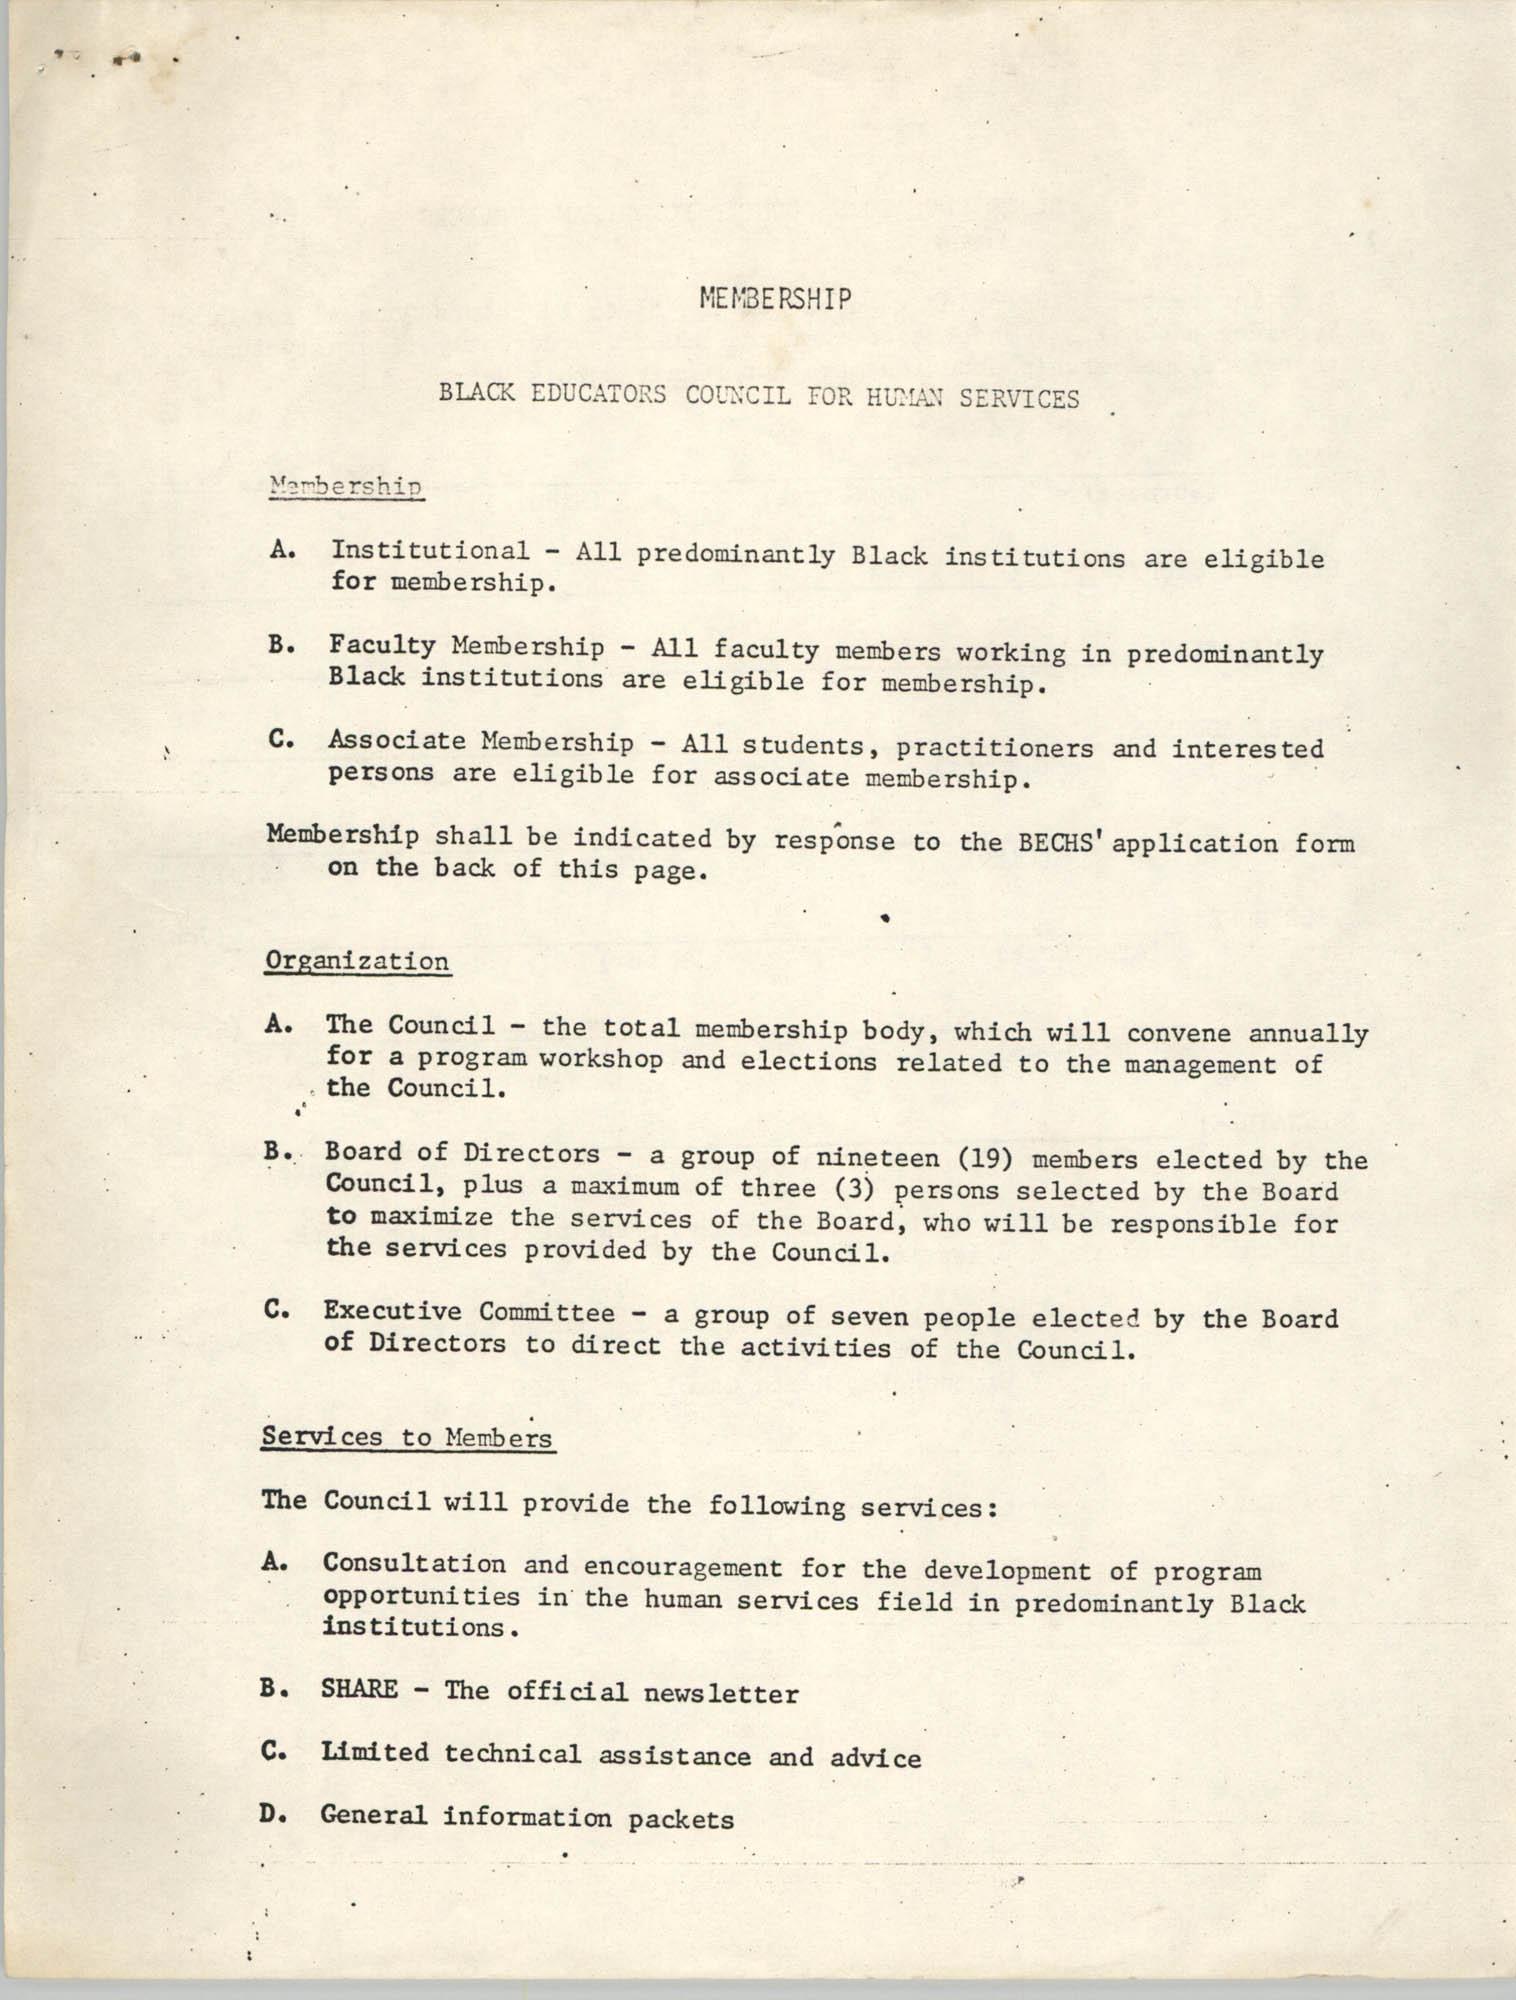 SHARE, Volume I, Number 8, April 1973, Page 41